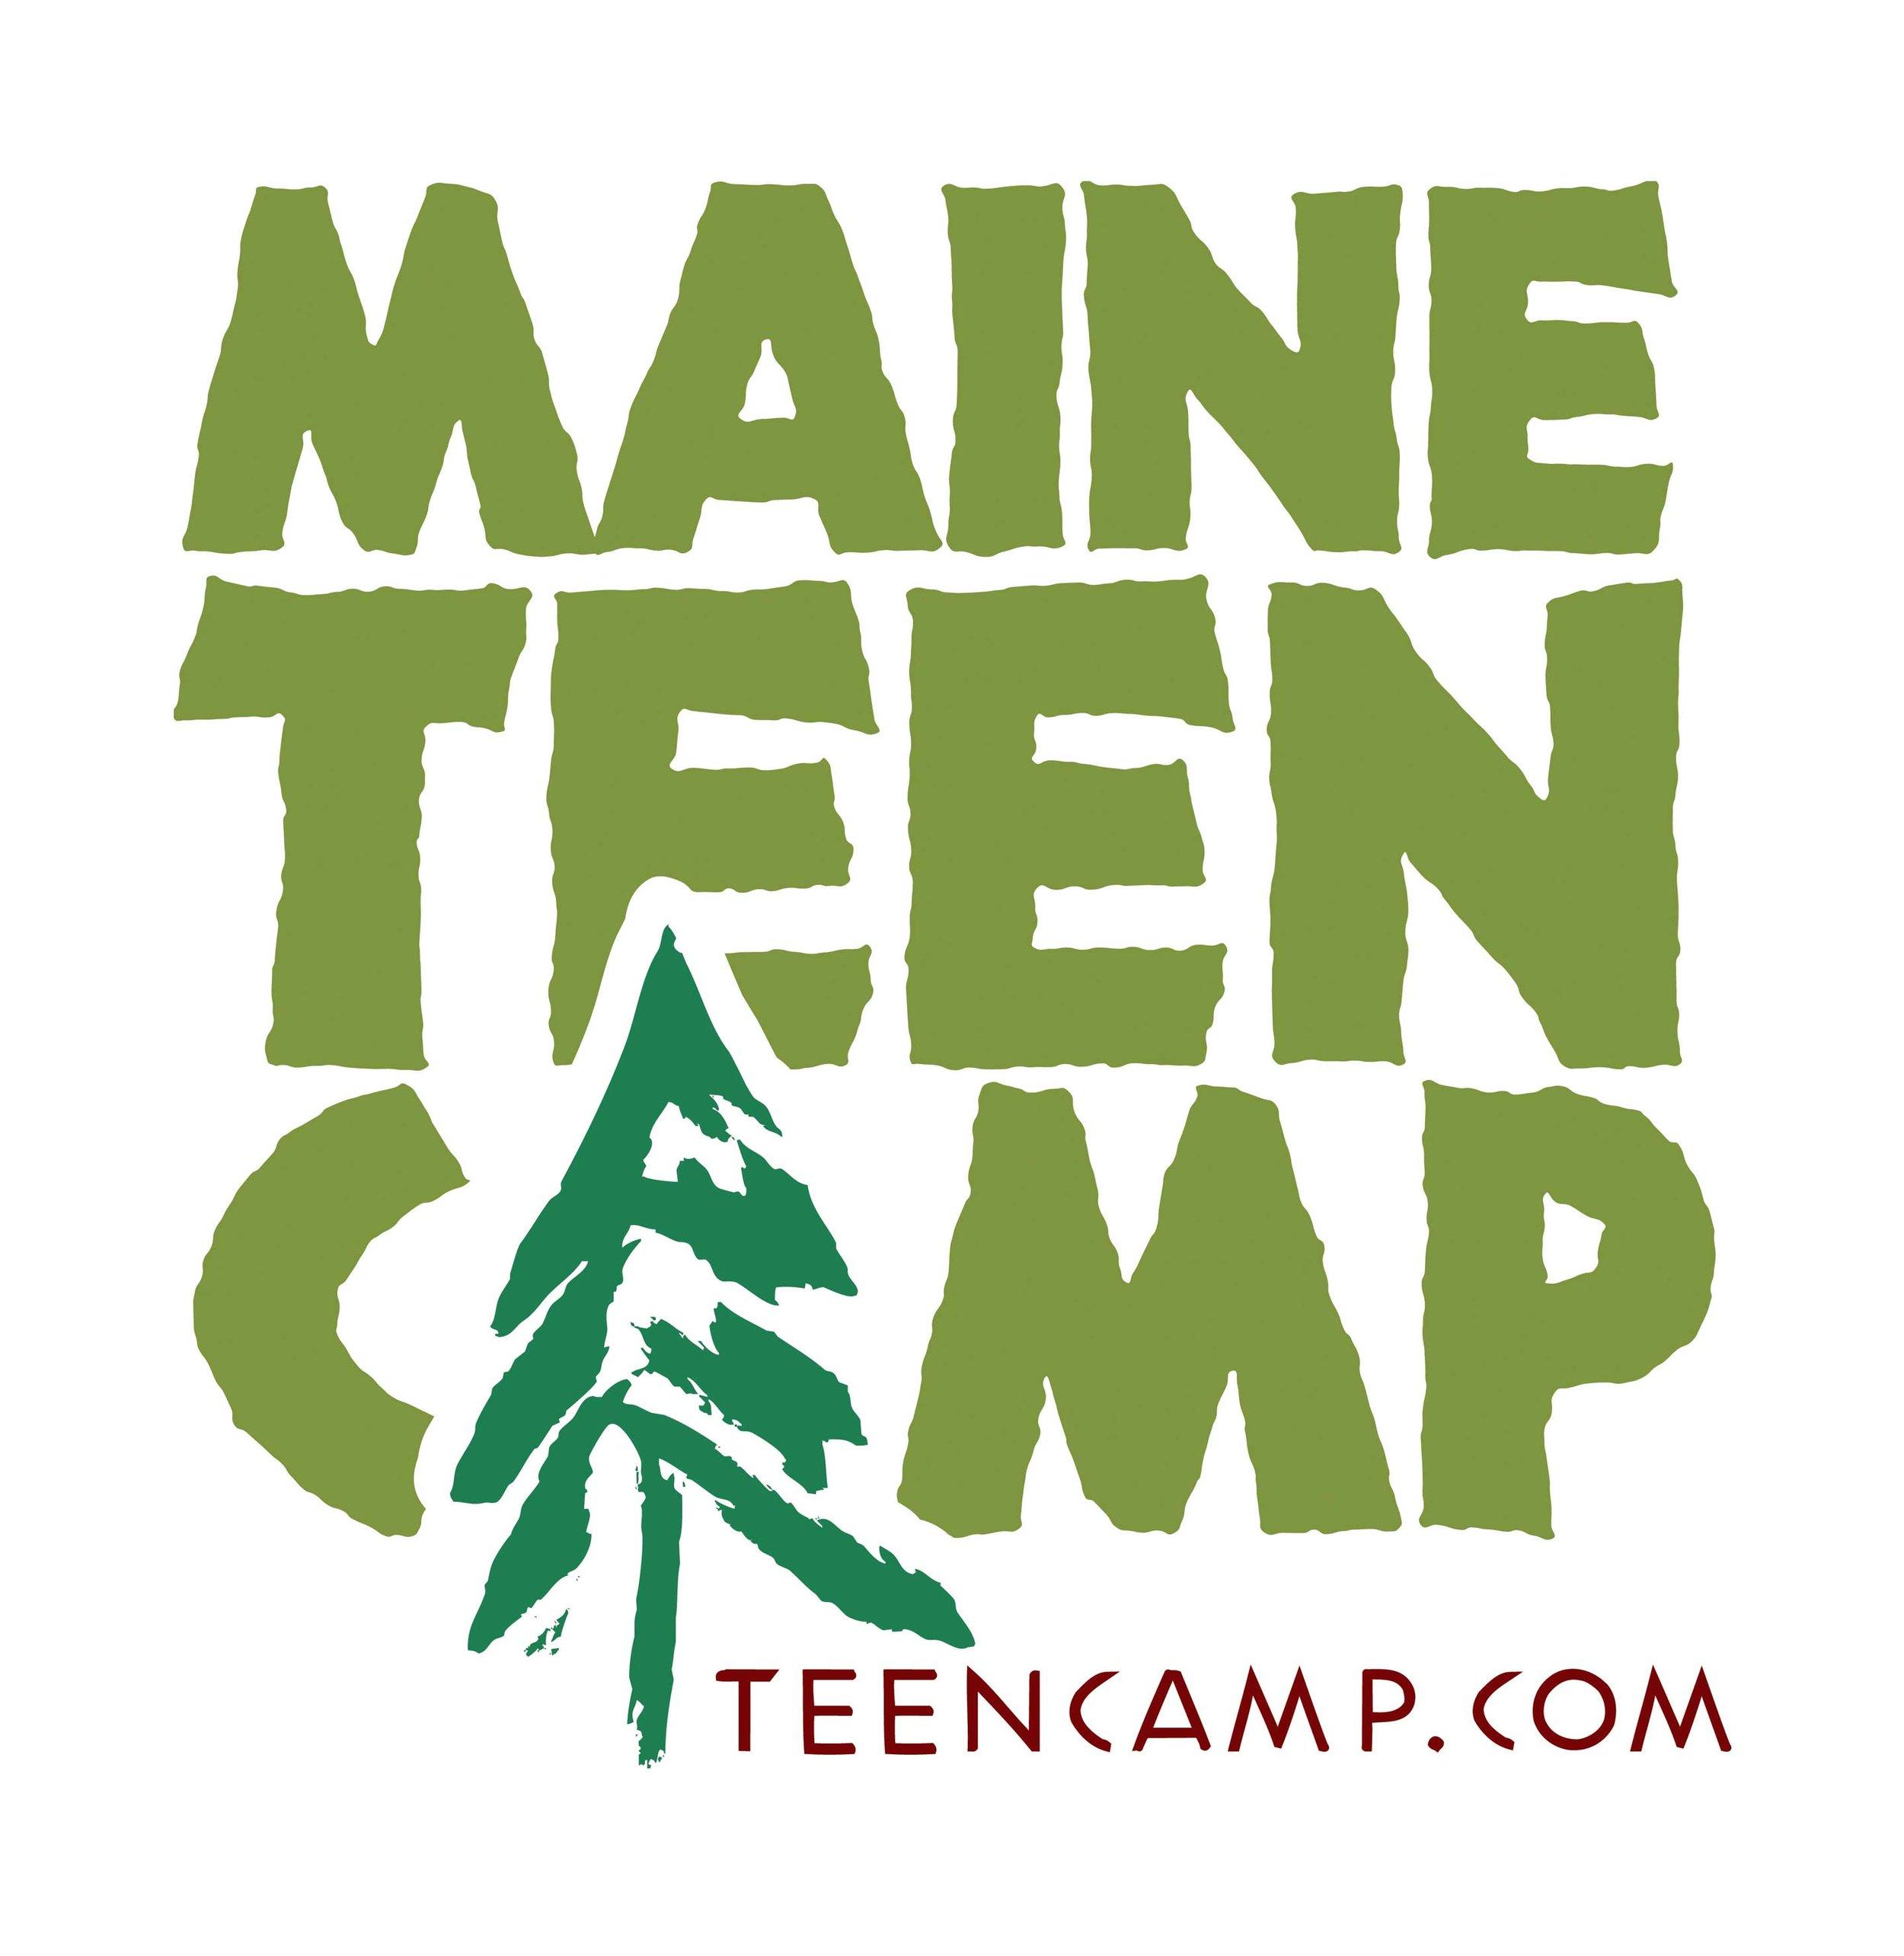 Maine Teen Camp